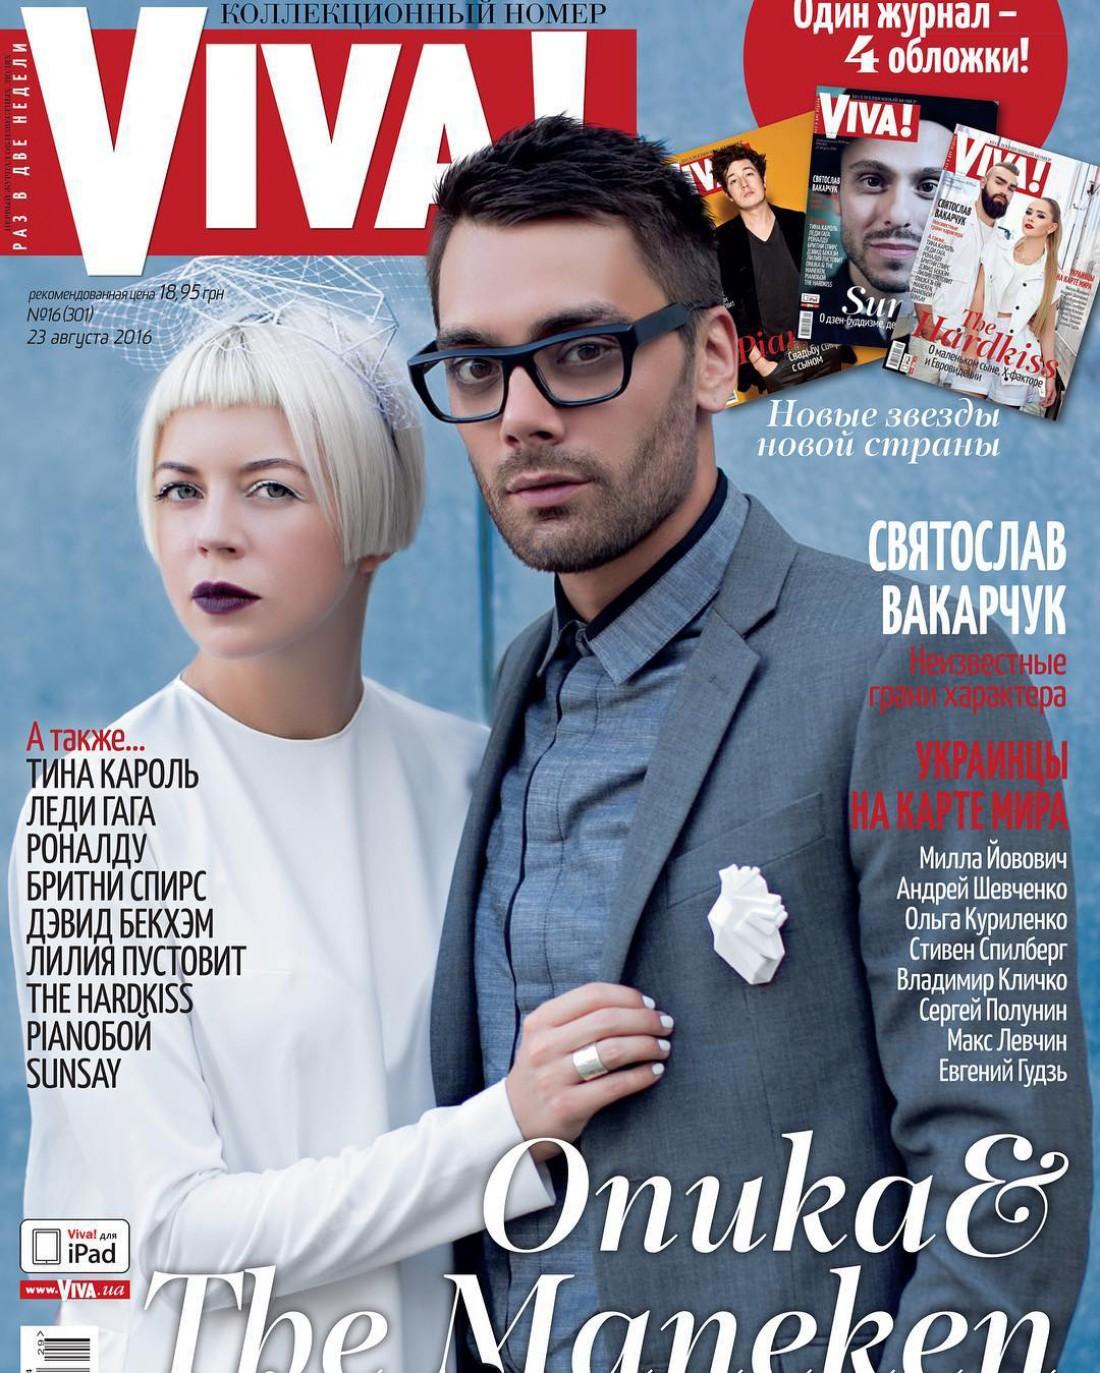 Евгения Филатов и ONUKA на обложке журнала